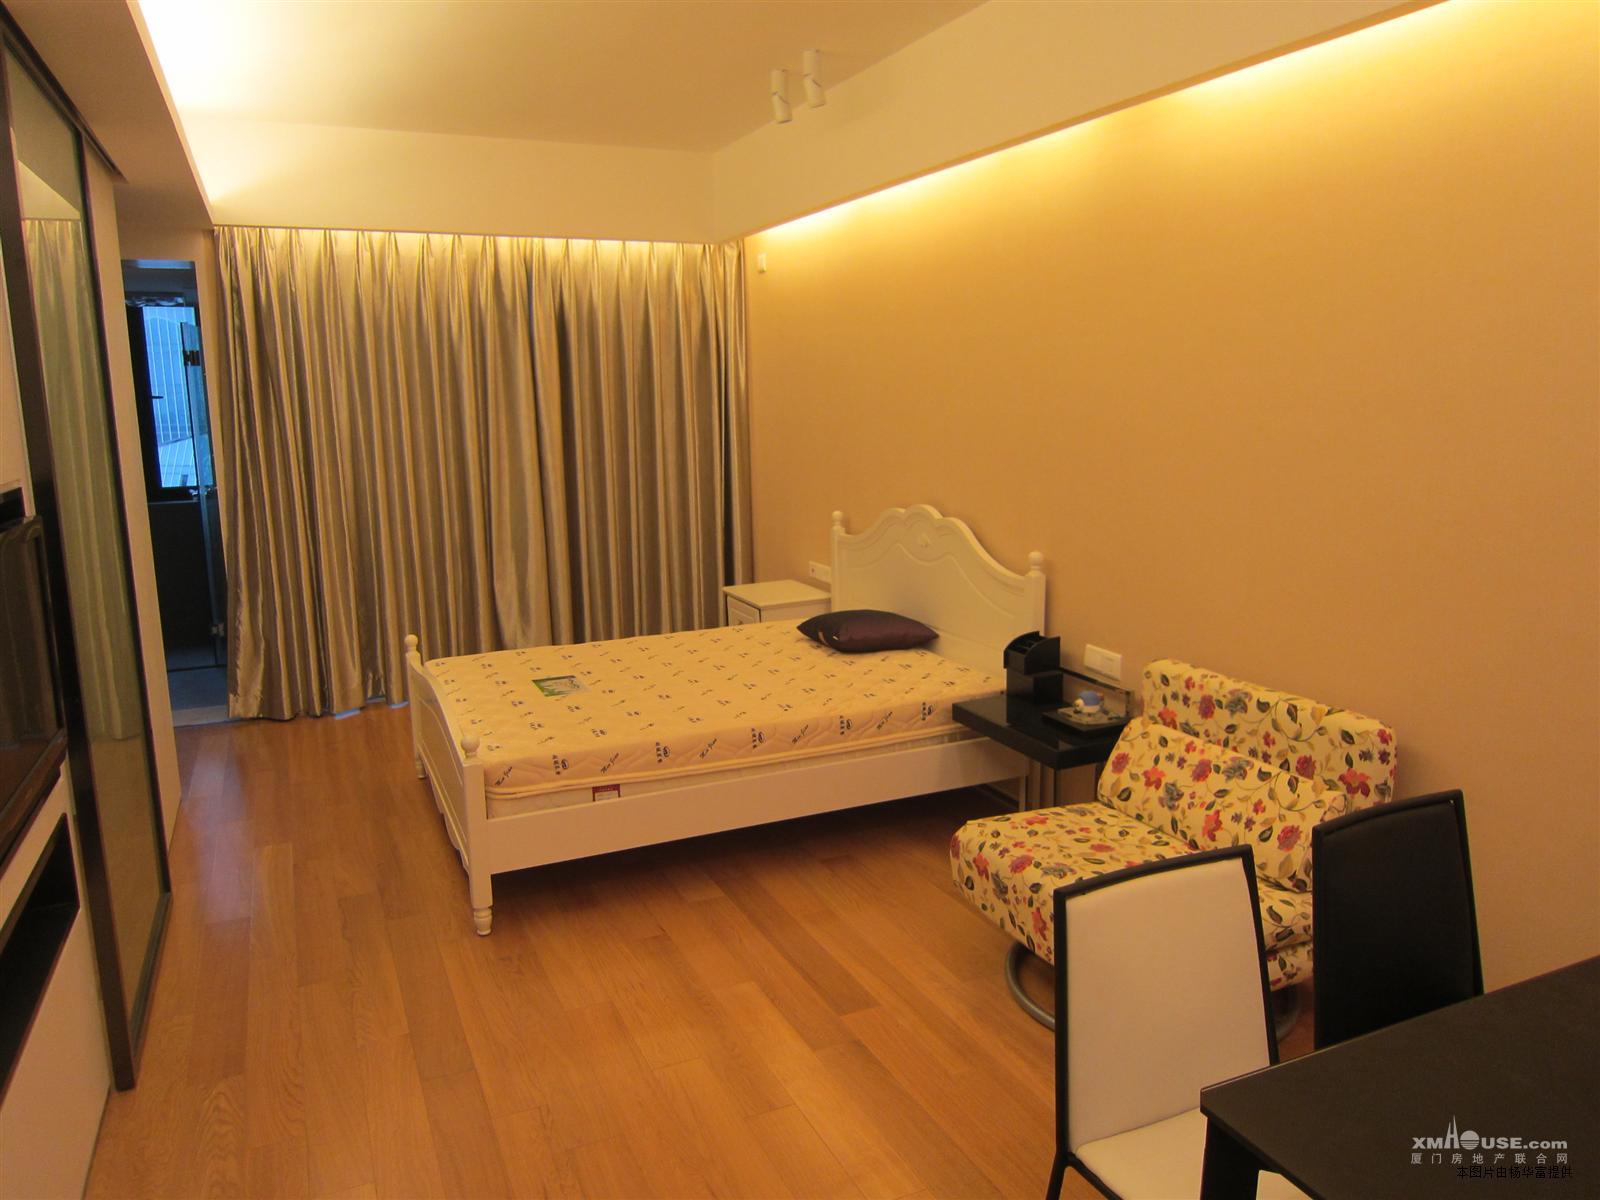 海峡单身公寓出售,豪华装修,黄金楼层,低价出售